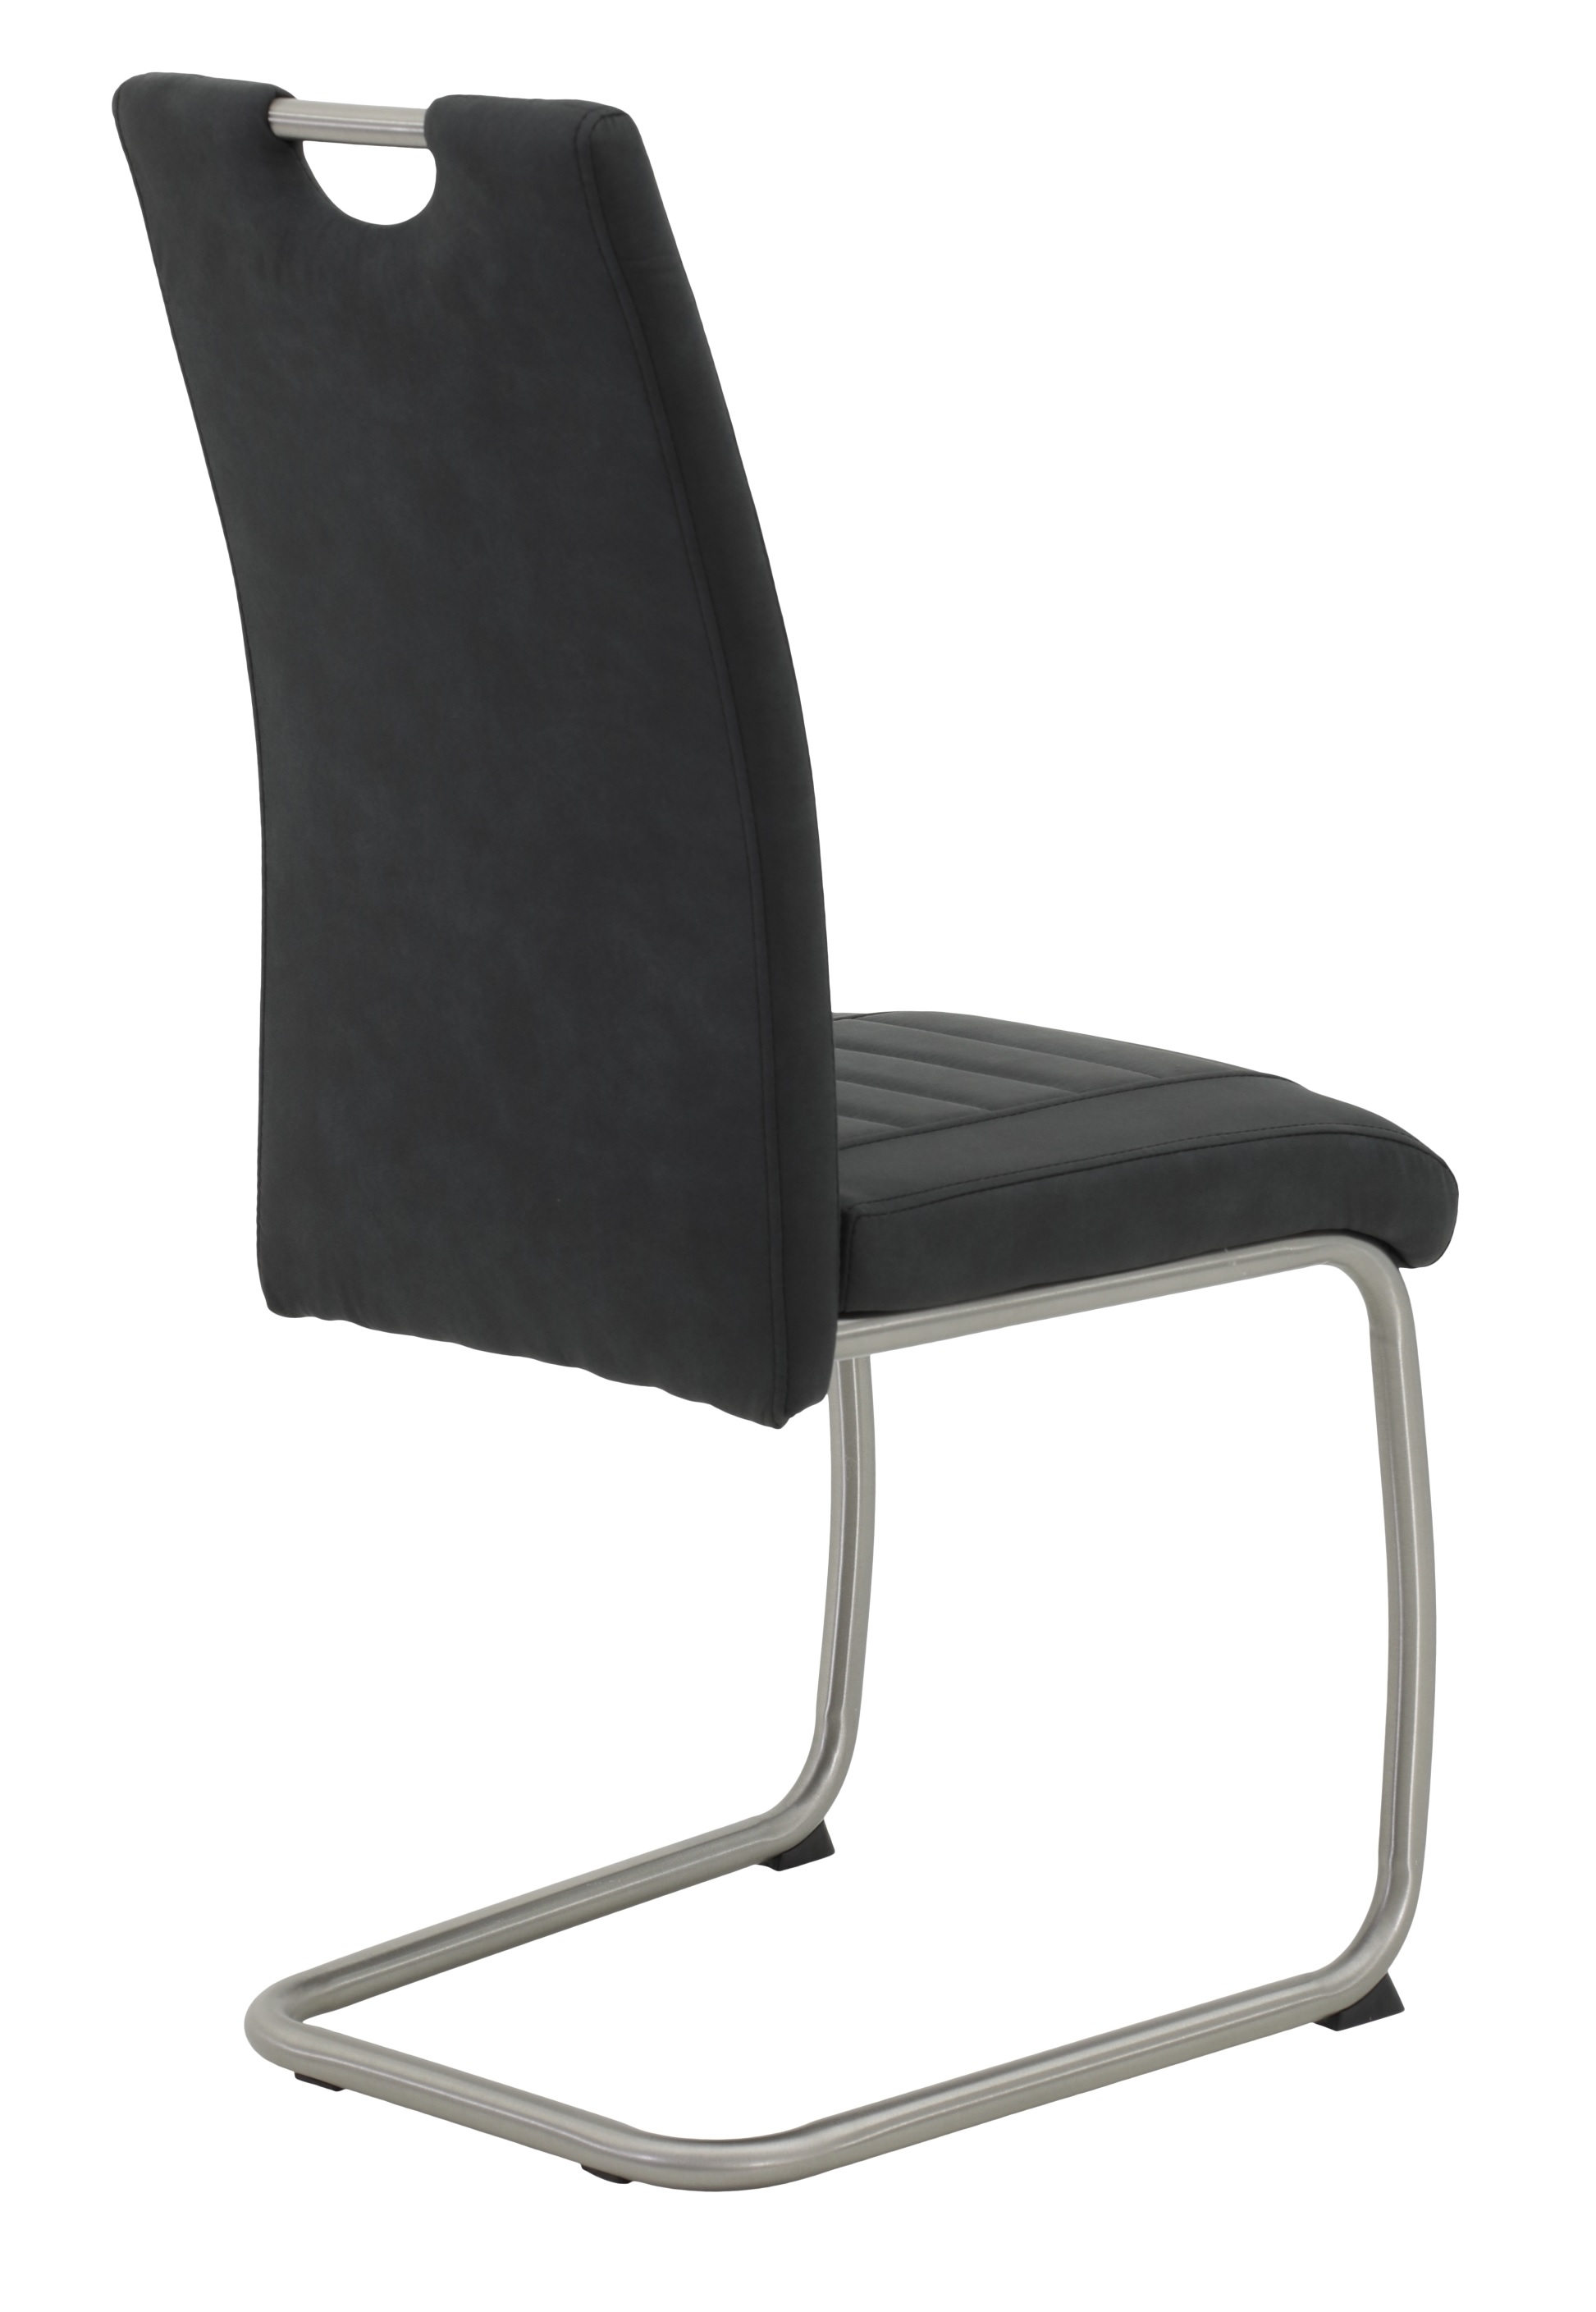 2 Freischwinger=Set Schwing - Stuhl Küchenstuhl Ulla 46 Stoff Anthrazit Edelstahl